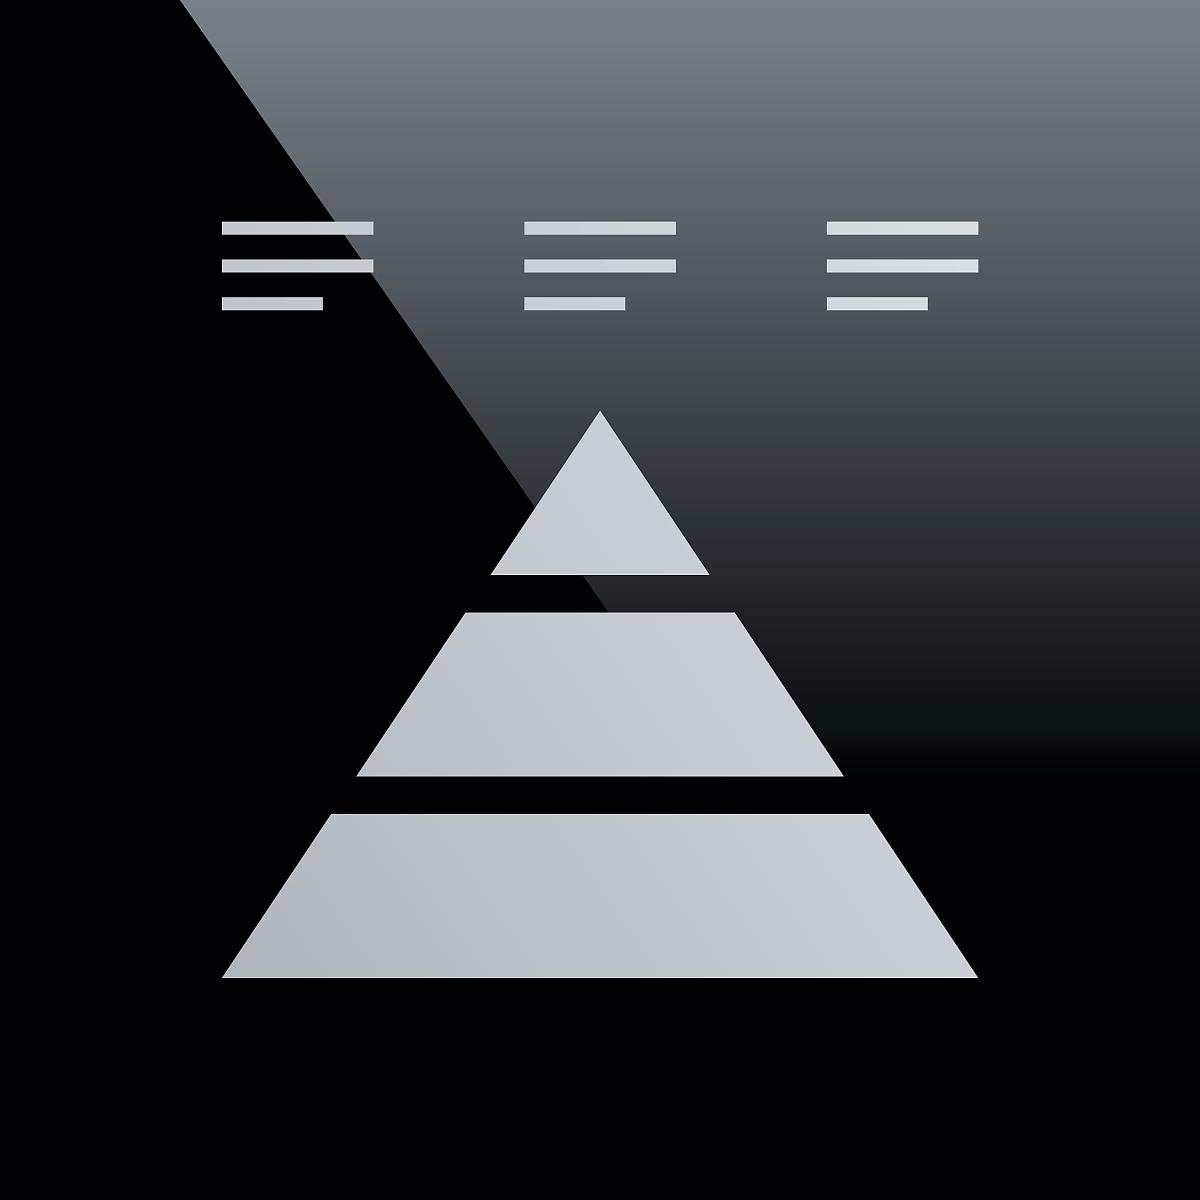 个性签名  三角形logologo设计矢量素材logo设计模板下载logo图形创意图片